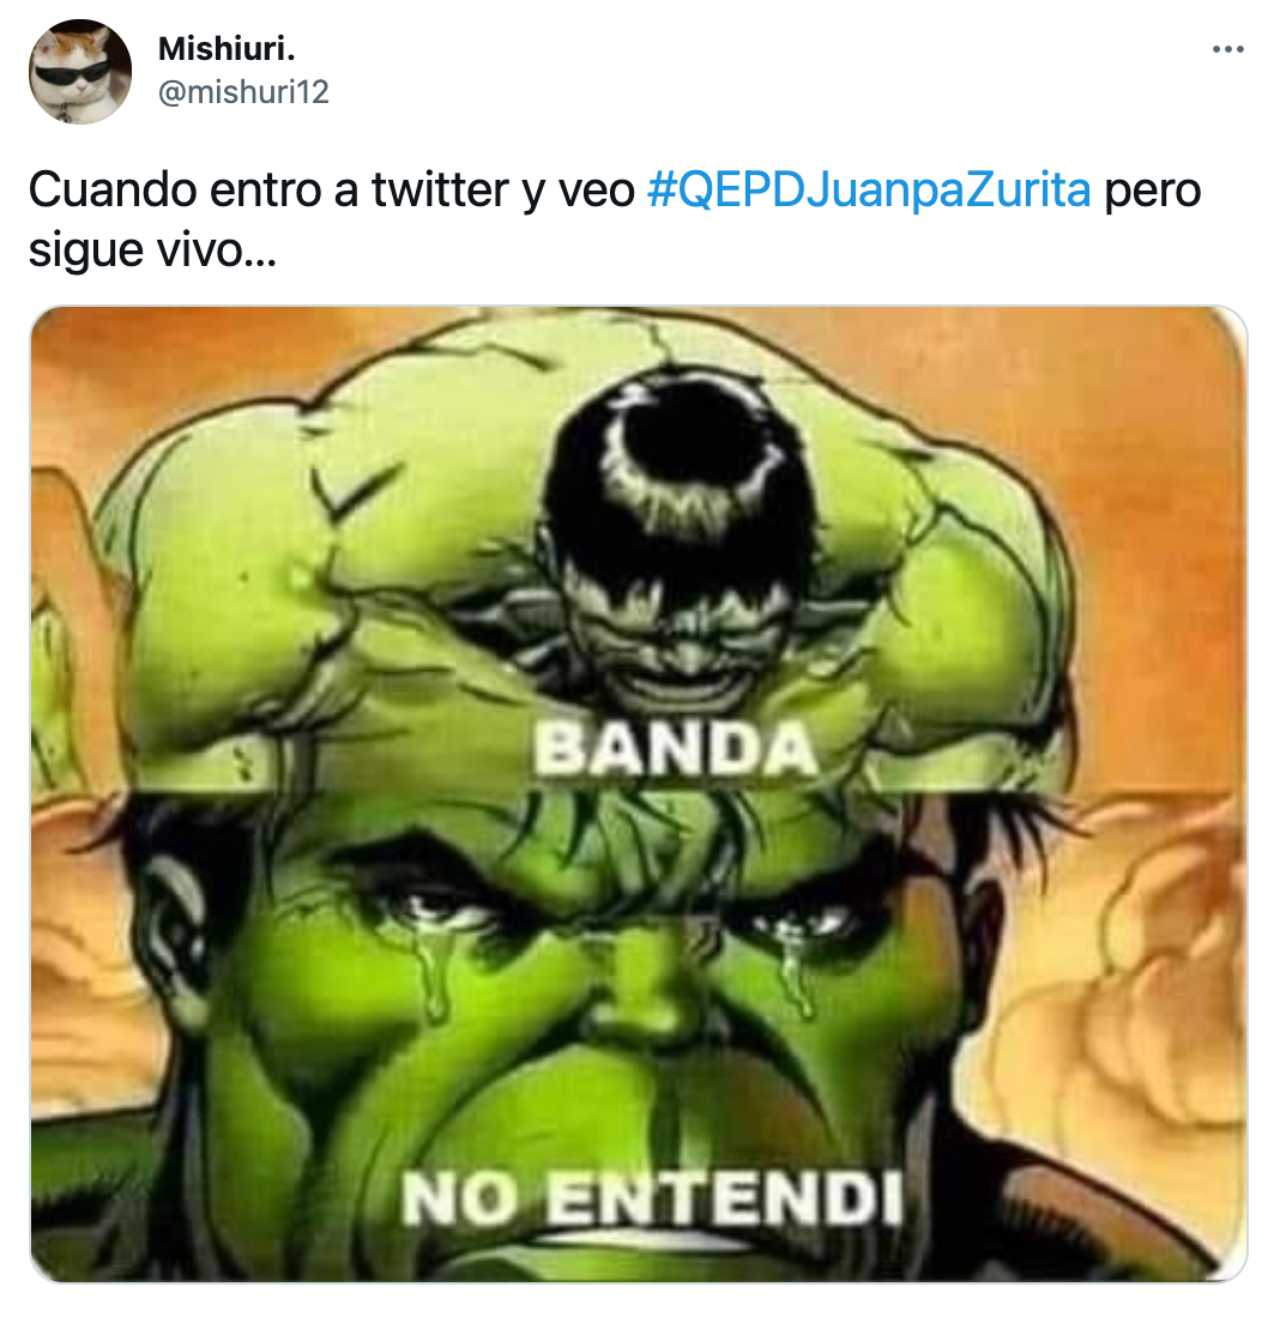 Meme de la muerte de Juanpa Zurita banda no entendí